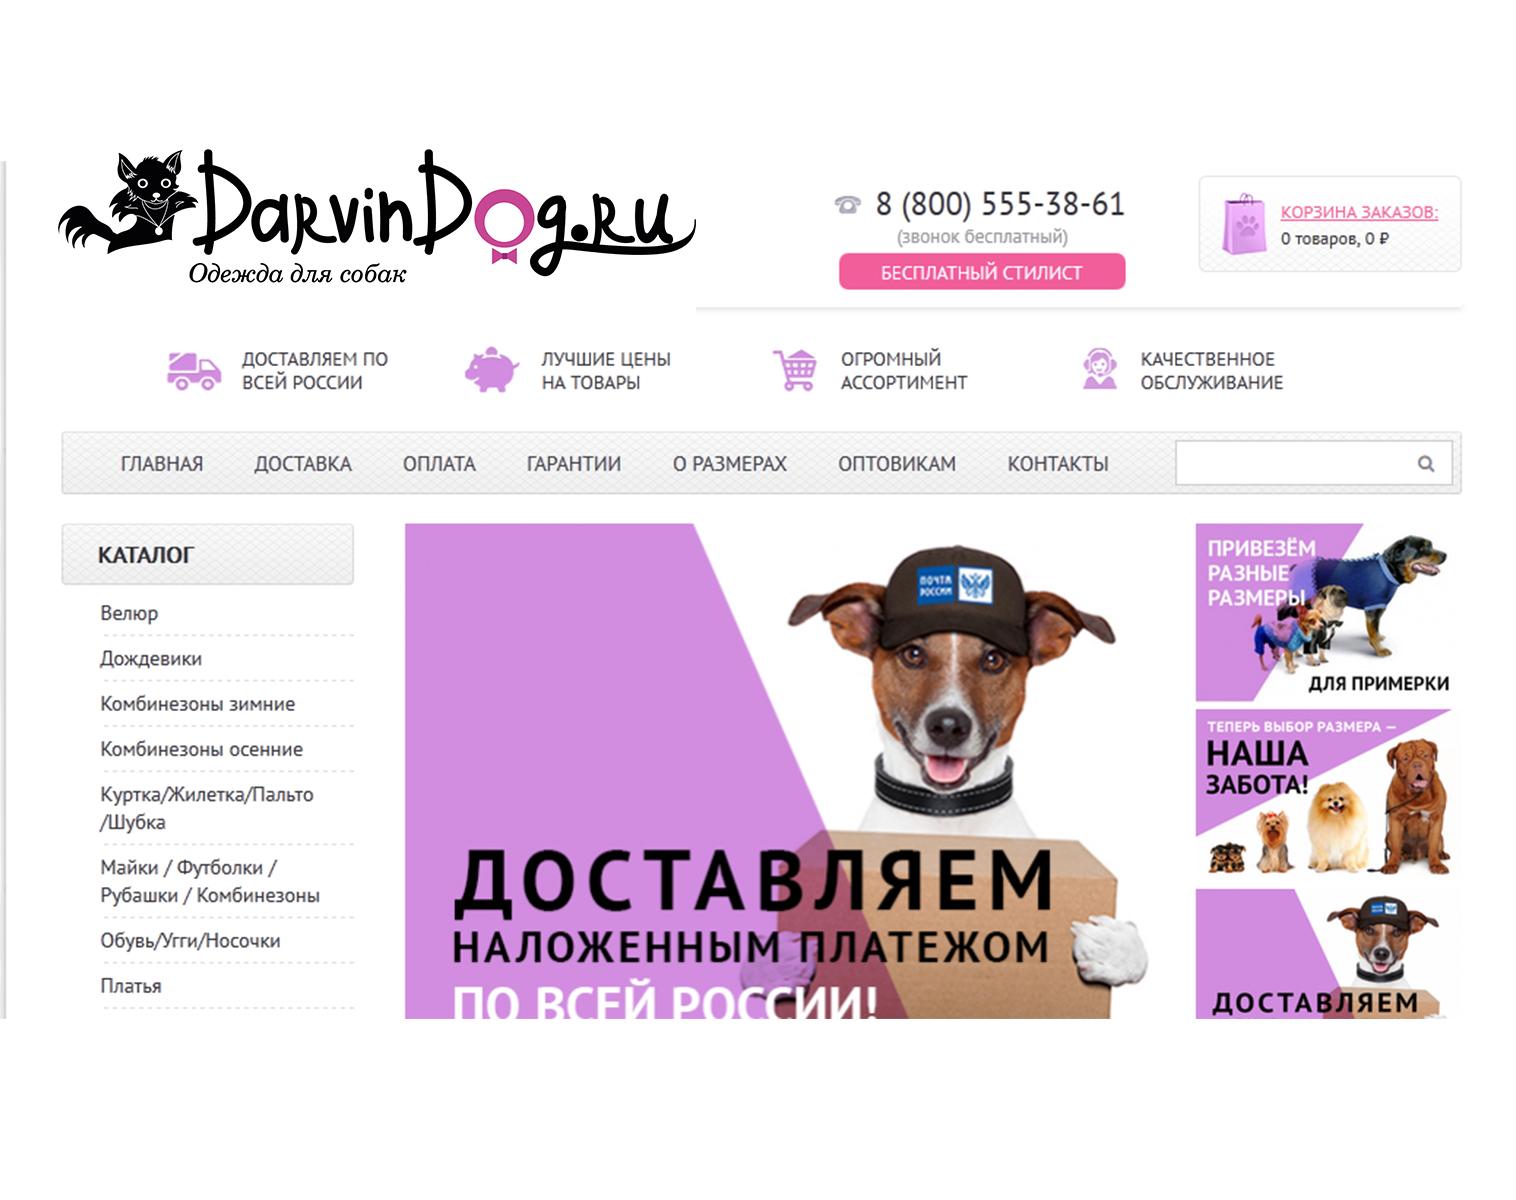 Создать логотип для интернет магазина одежды для собак фото f_2695651fd7b5832c.jpg